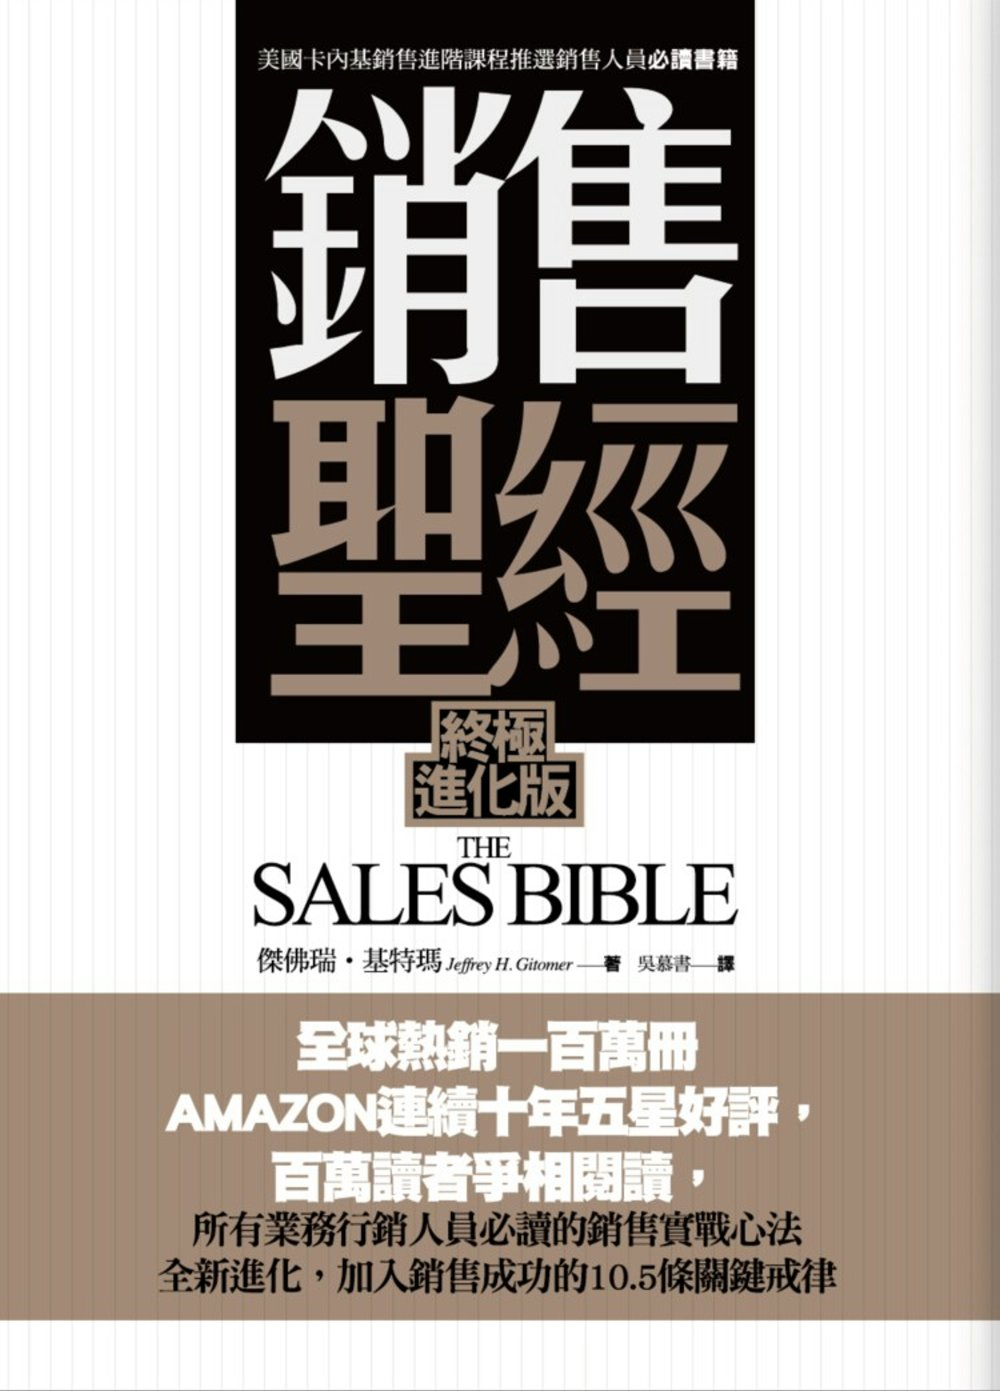 銷售聖經(終極進化版)